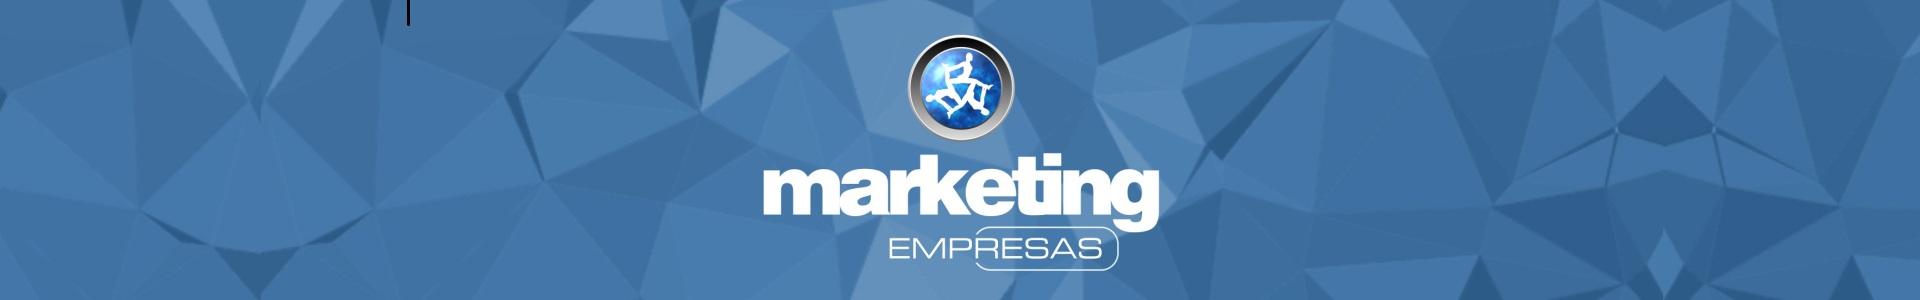 https://www.perfectpixel.es/wp-content/uploads/2015/07/Corporate-Brochure-Design-by-PerfectPixel-Publicidad-Footer.jpg